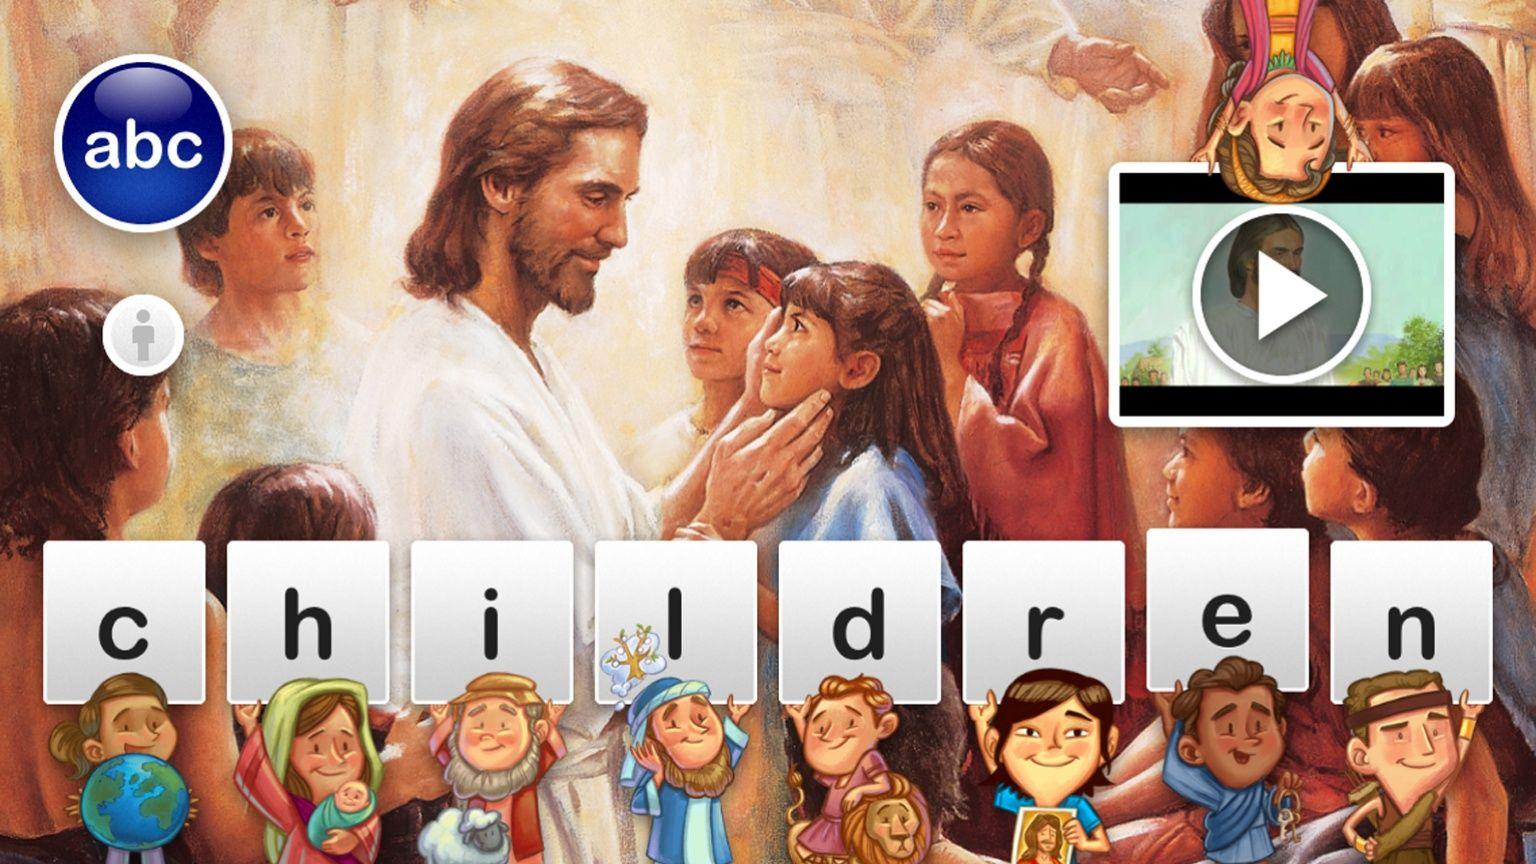 Lds scripture videos apps lds kids faith church kids